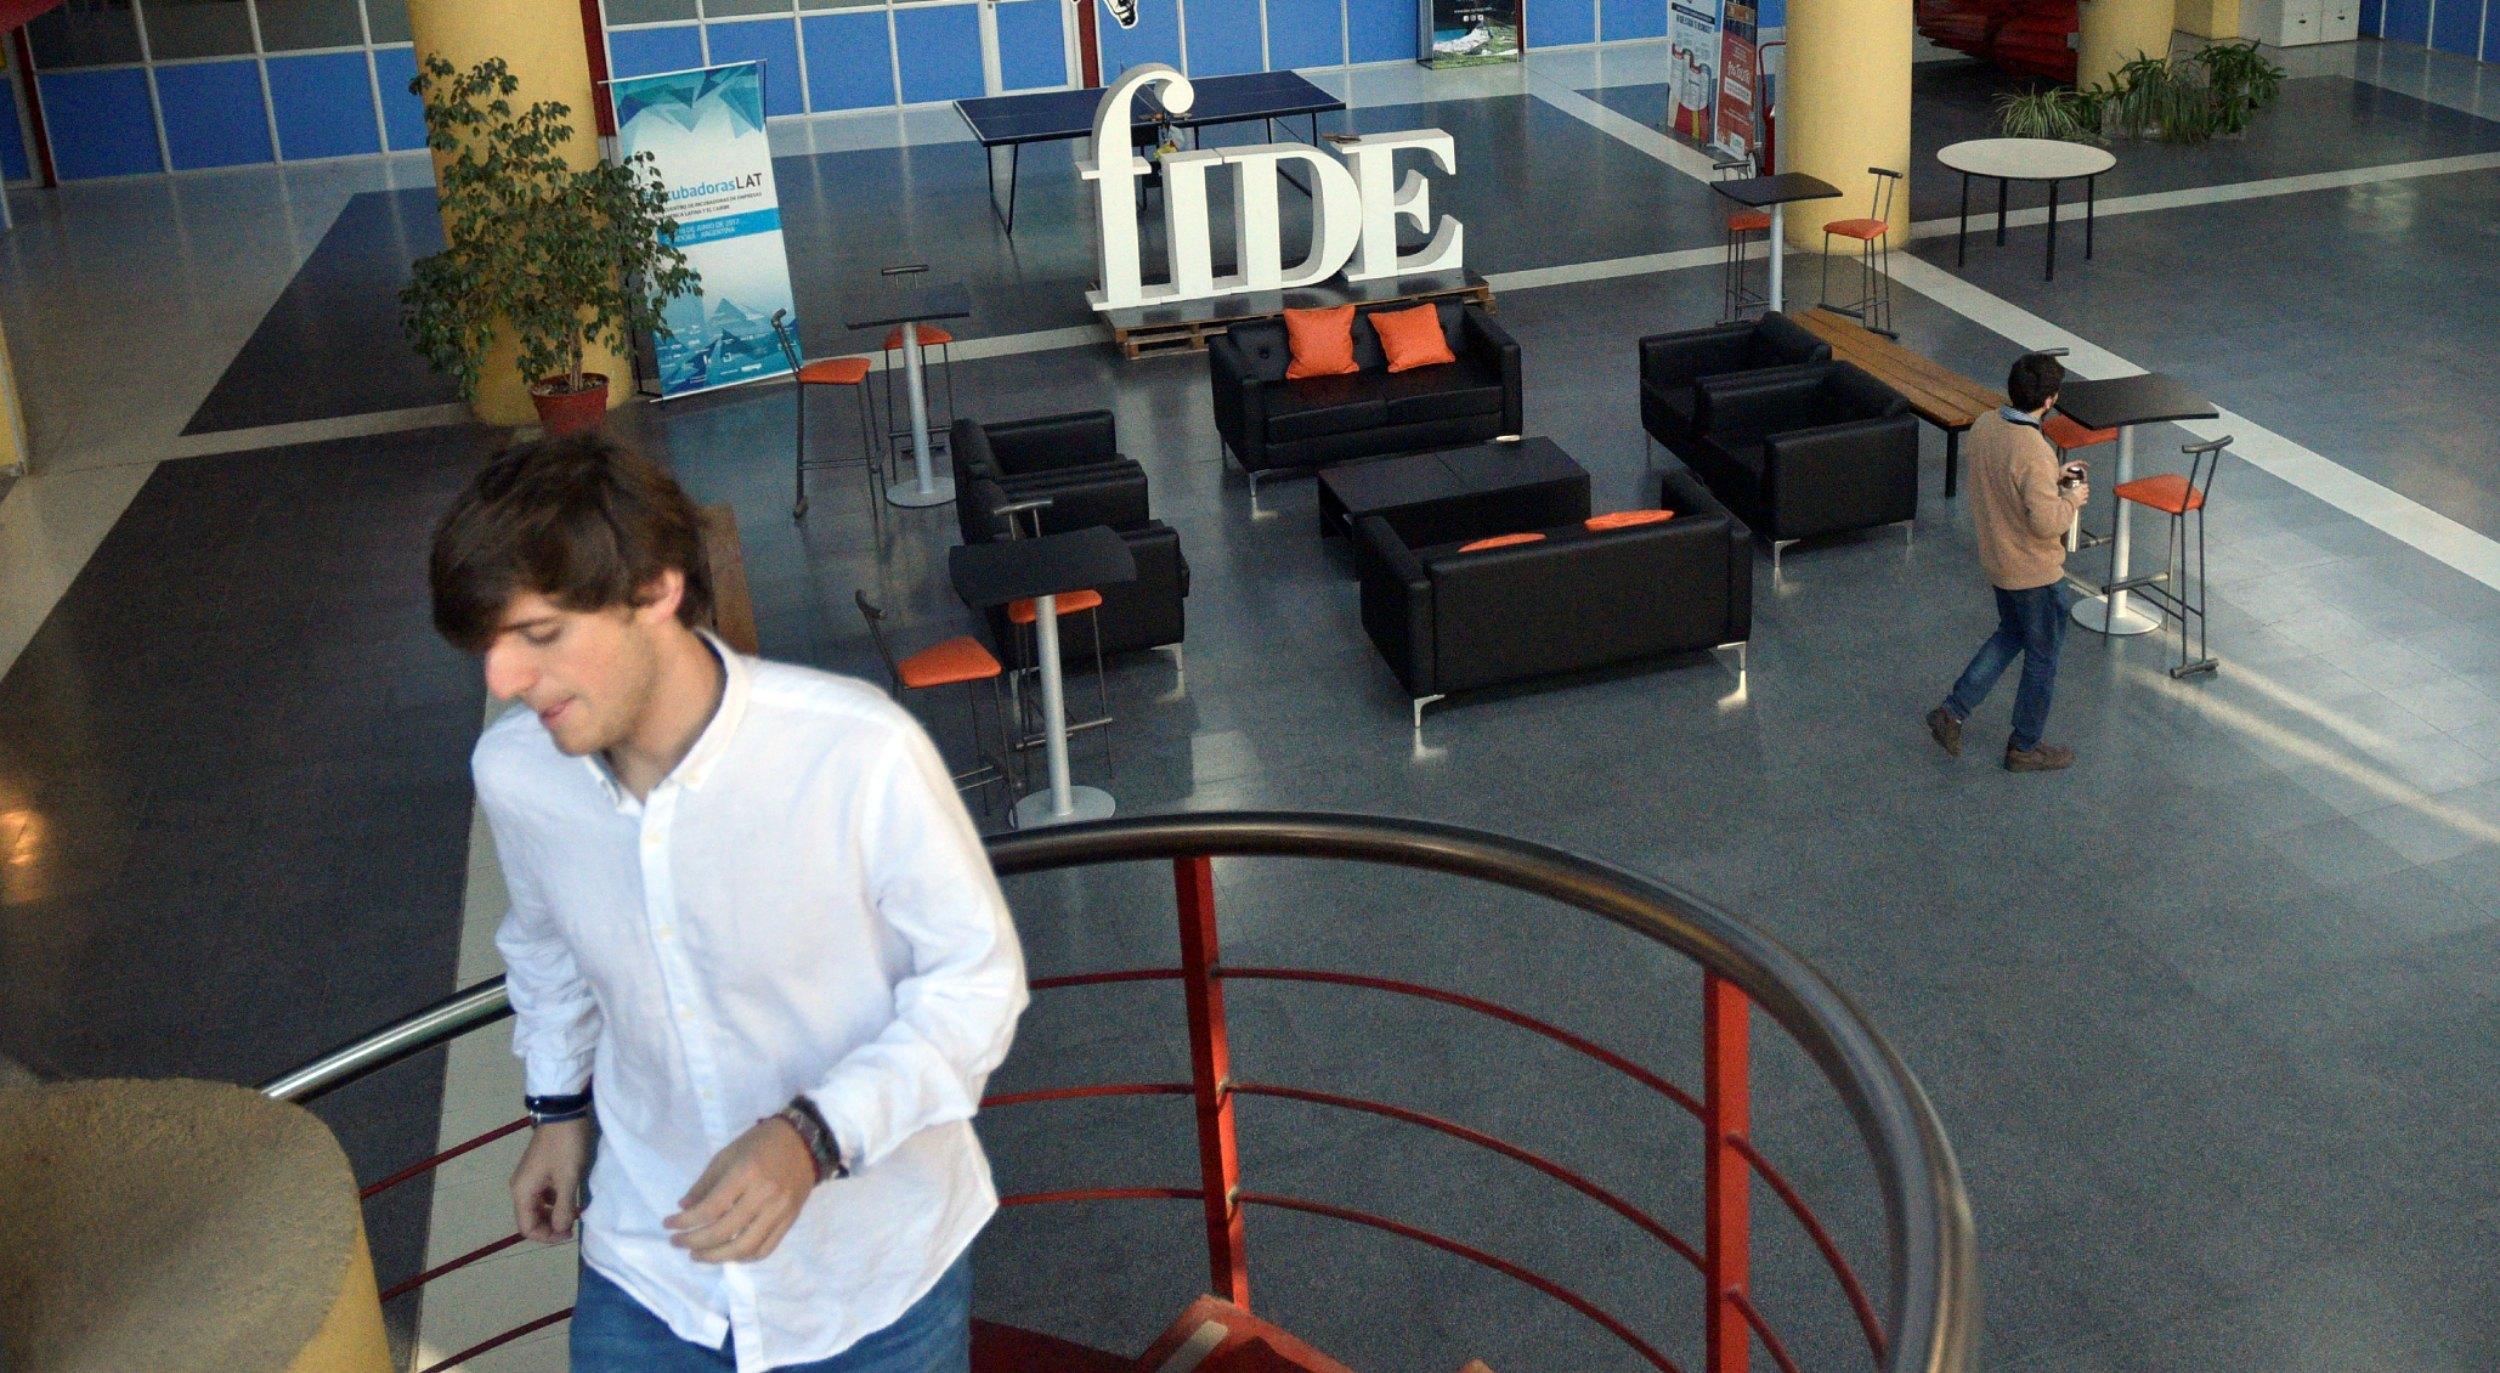 la-incubadora-de-empresas-fide-extendio-el-plazo-para-presentar-proyectos